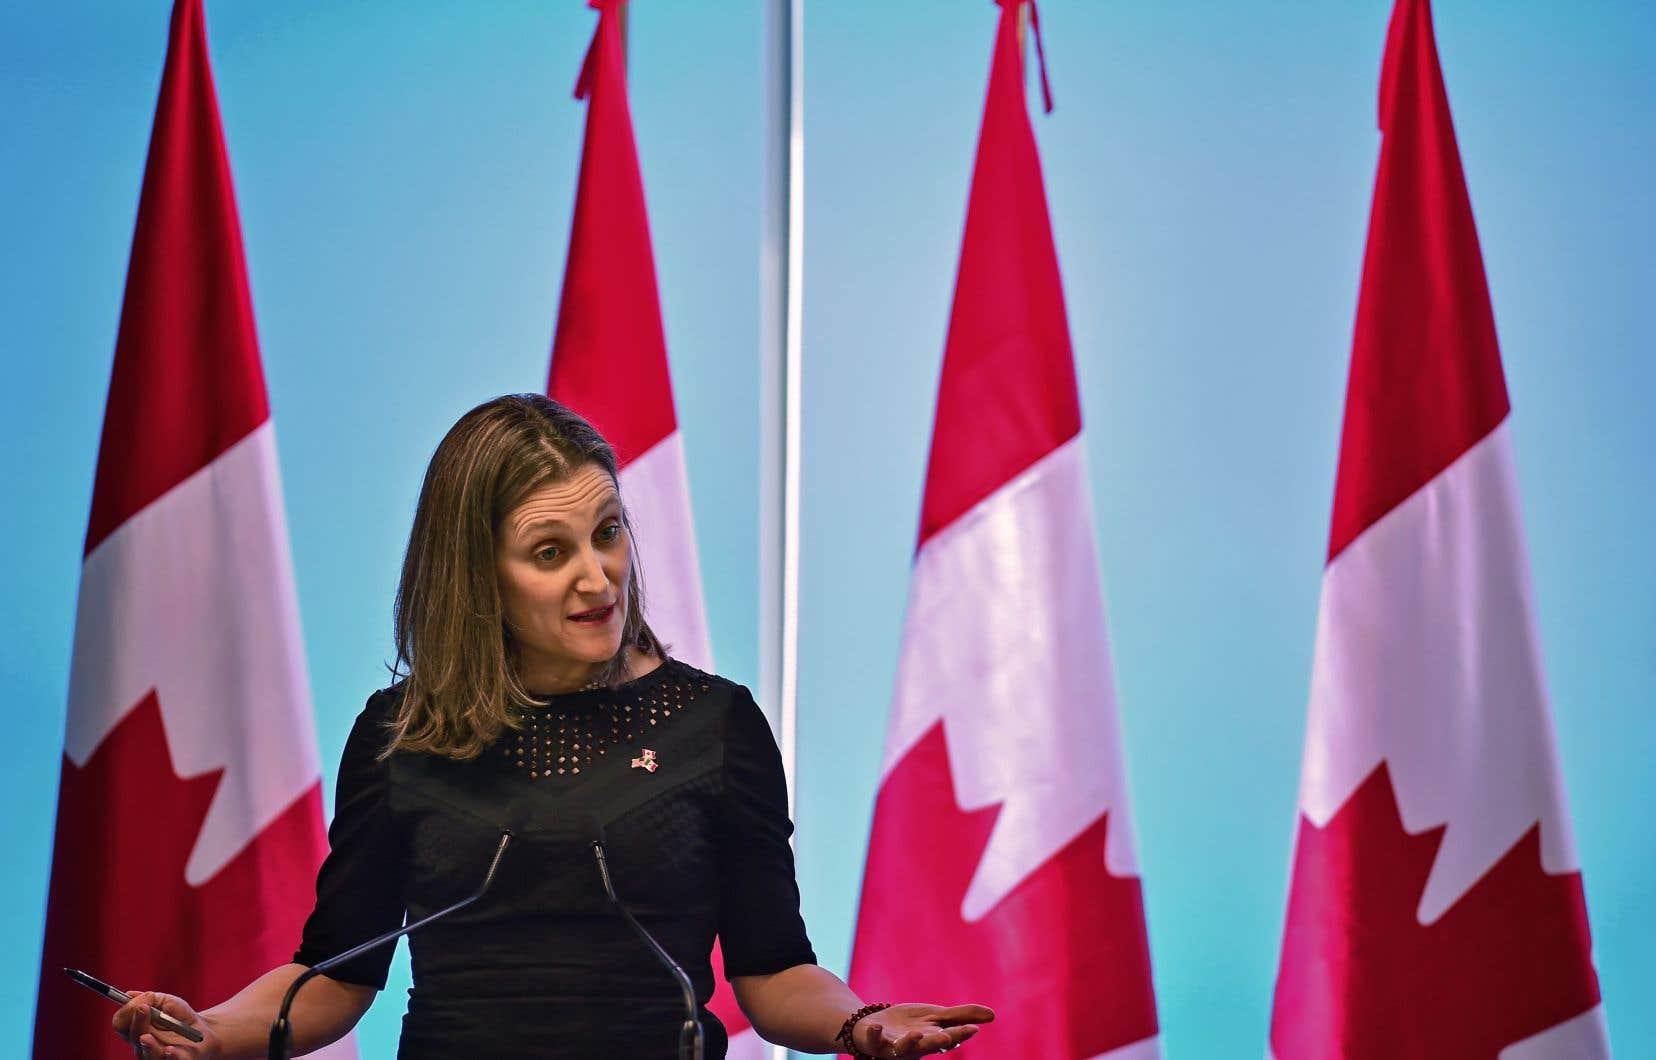 «Si des restrictions sont imposées sur l'acier et l'aluminium canadiens, le Canada prendra des mesures appropriées pour défendre nos intérêts commerciaux», a déclaré la ministre canadienne des Affaires étrangères, Chrystia Freeland.